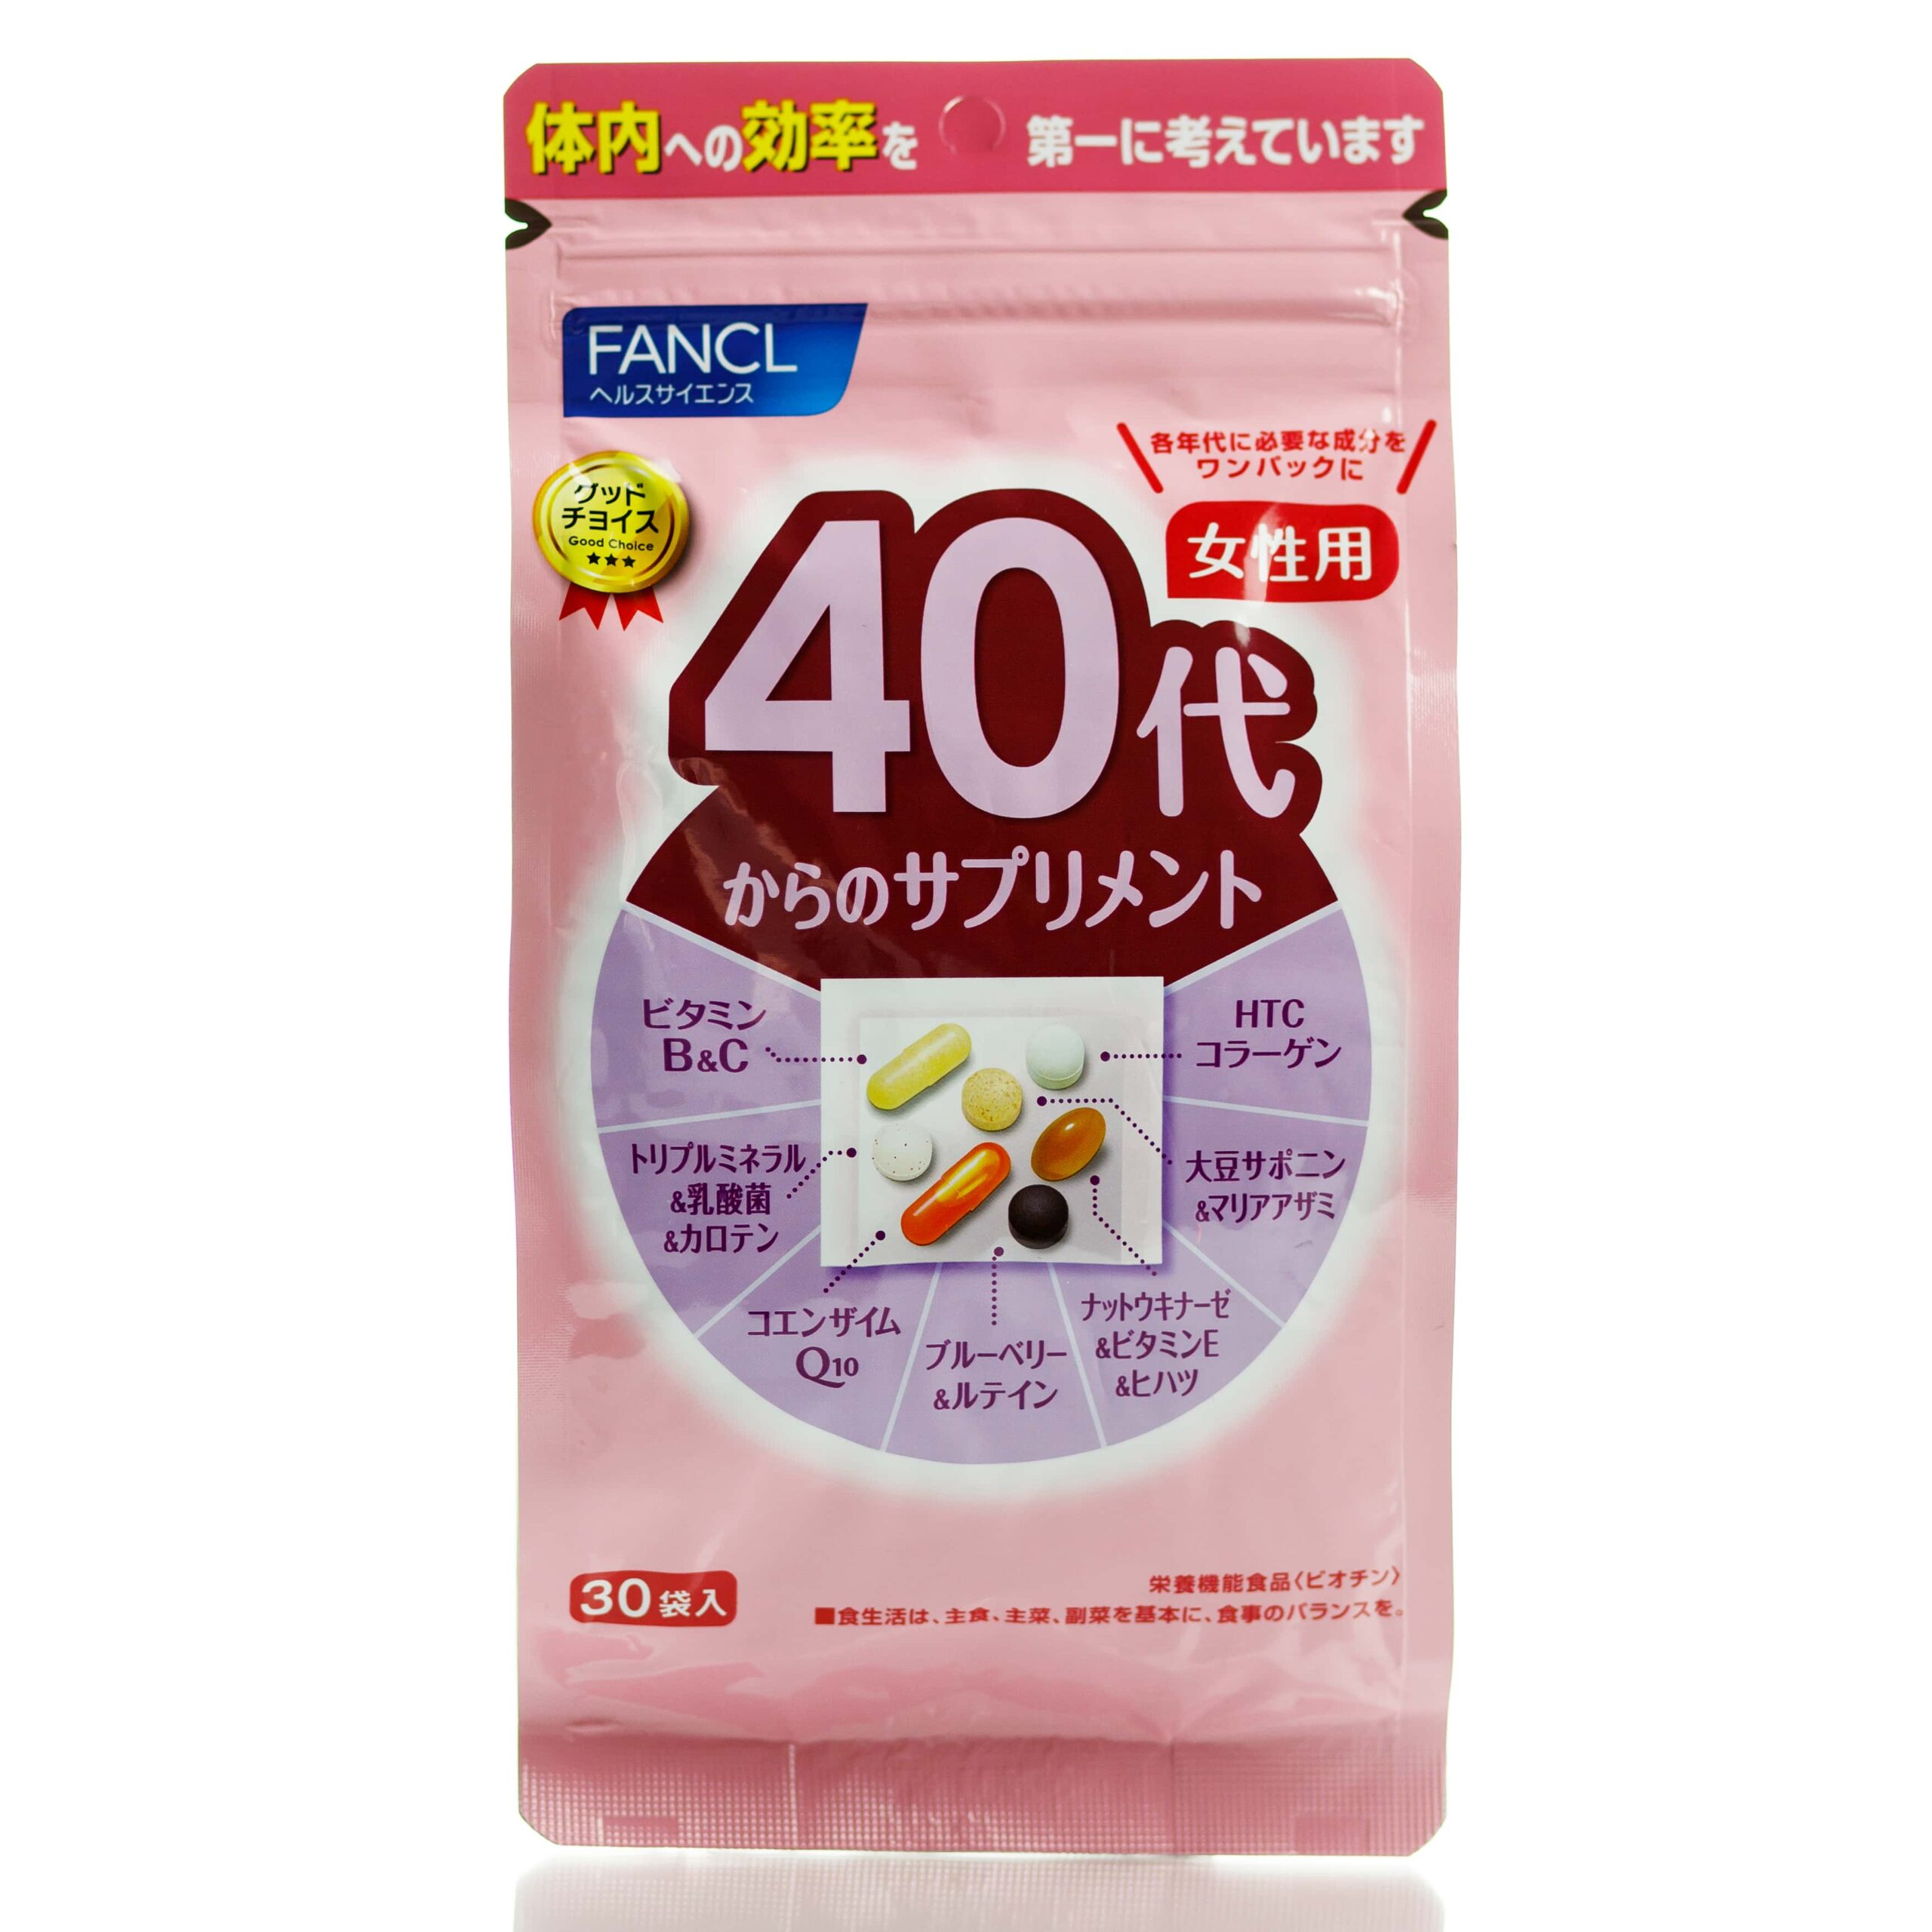 FANCL Комплекс витаминов для женщин после 40, 30 шт.